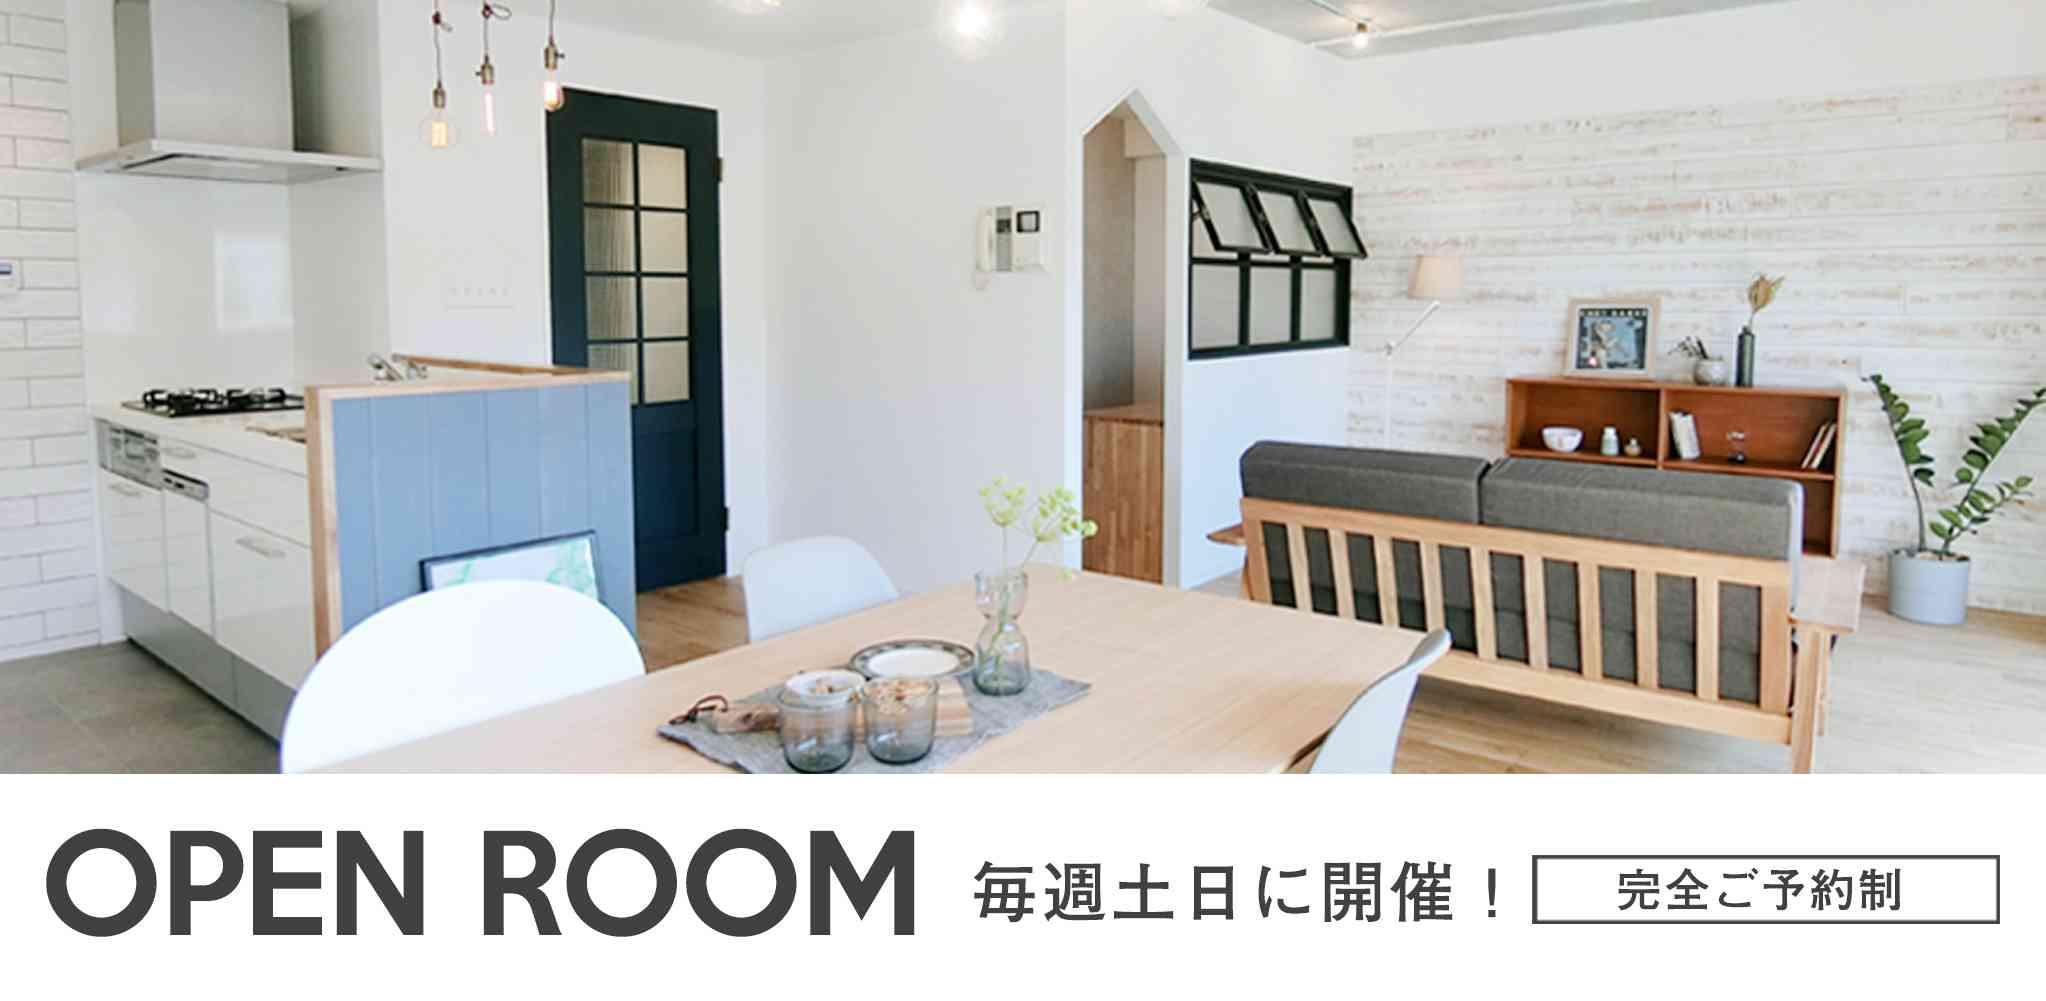   OPEN ROOM   シャビーな壁が主役の開放感あふれる部屋。